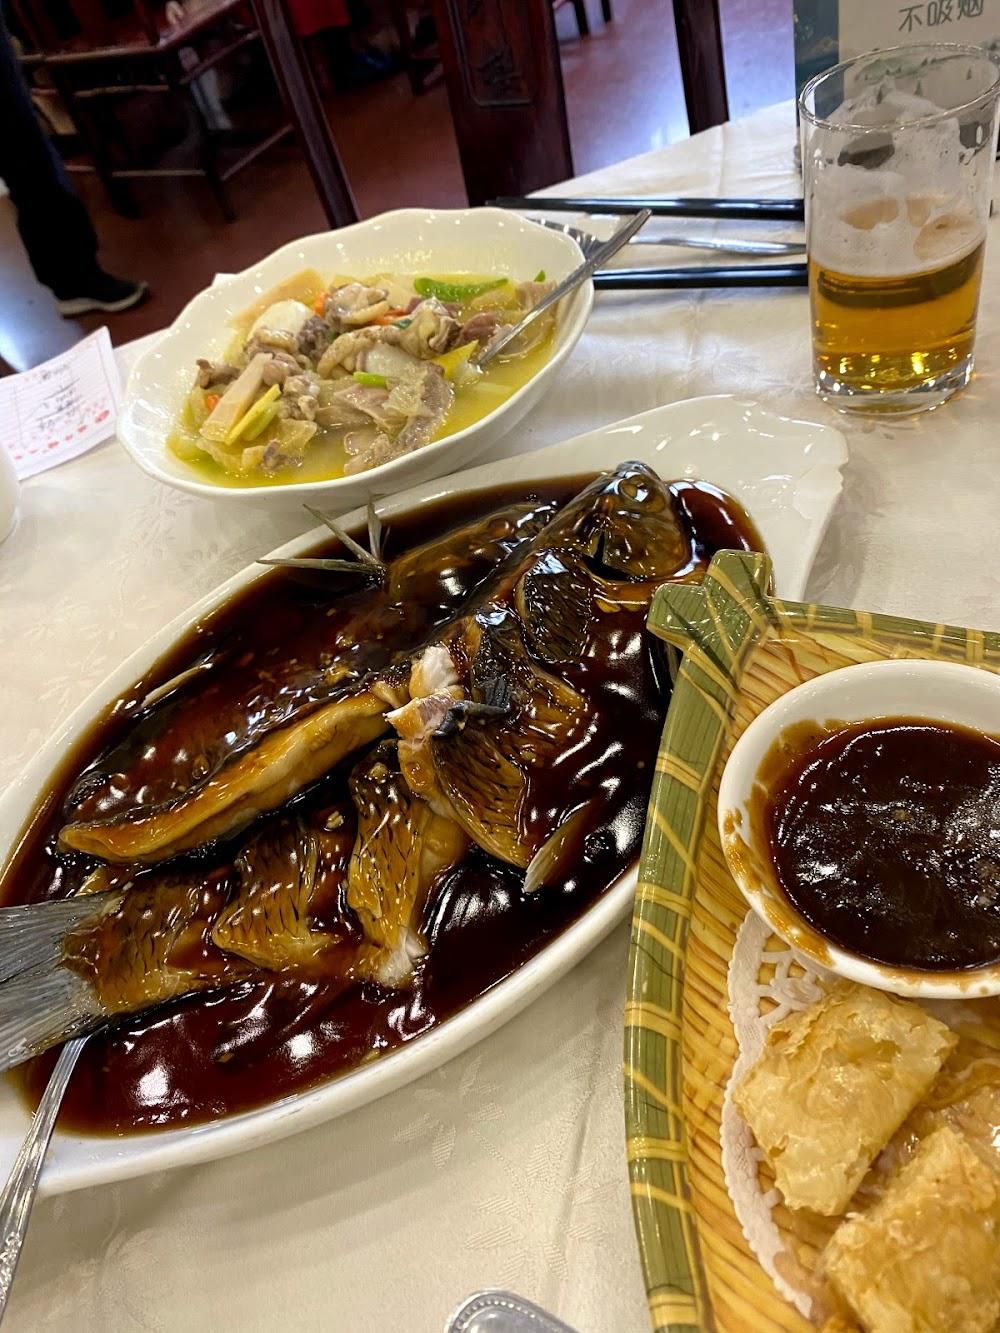 炸响铃、杭三鲜、西湖醋鱼